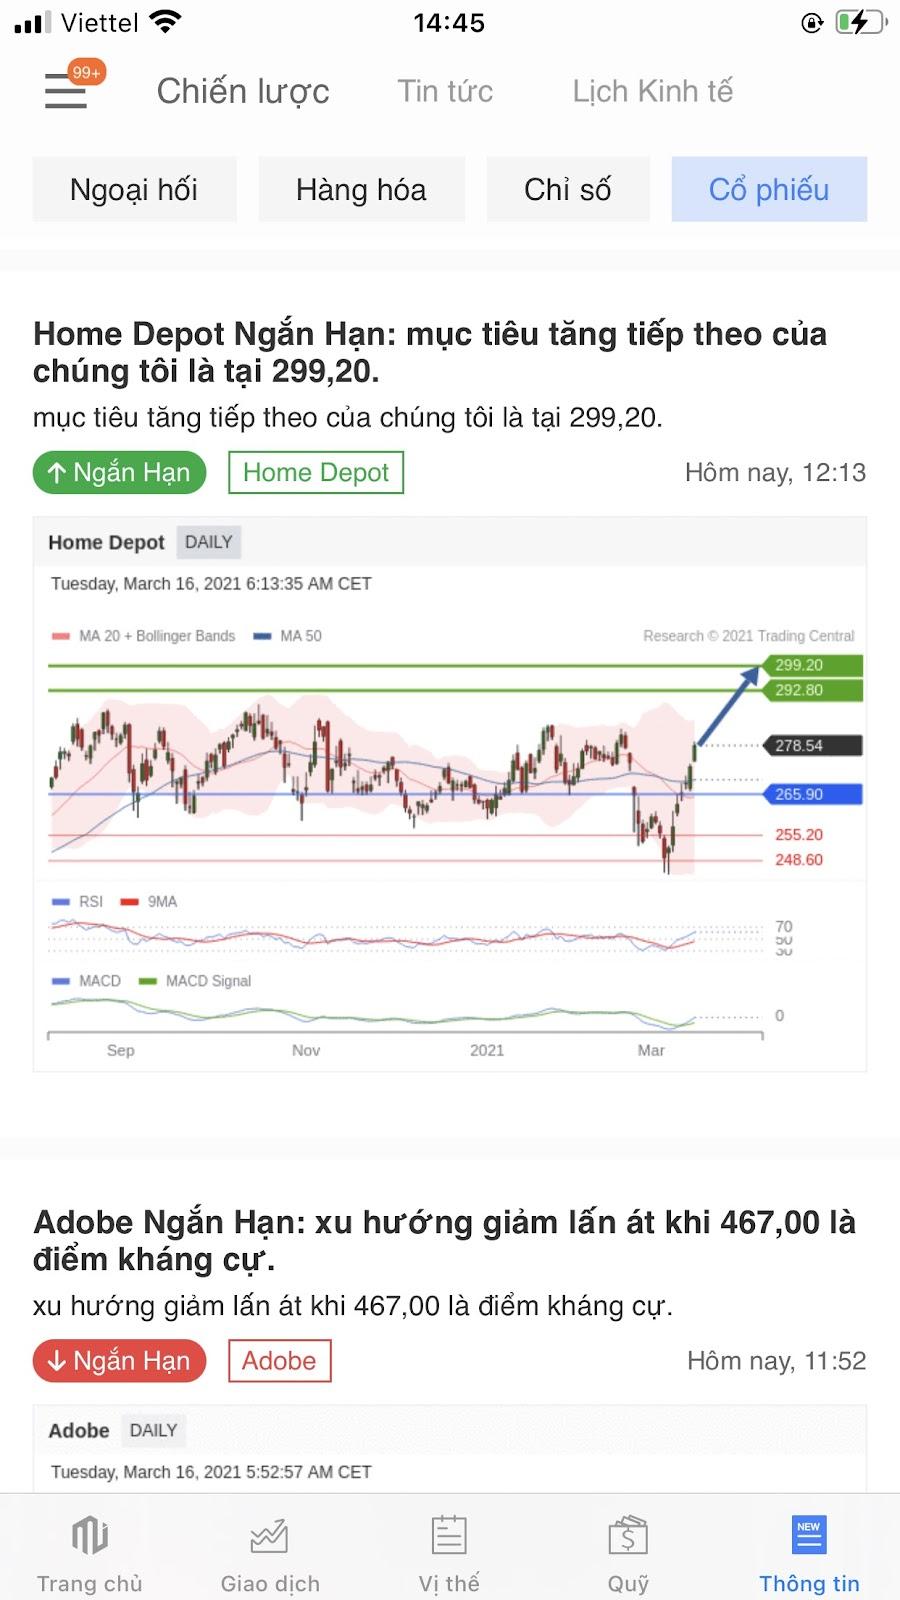 Bộ công cụ dự báo thị trường mạnh mẽ